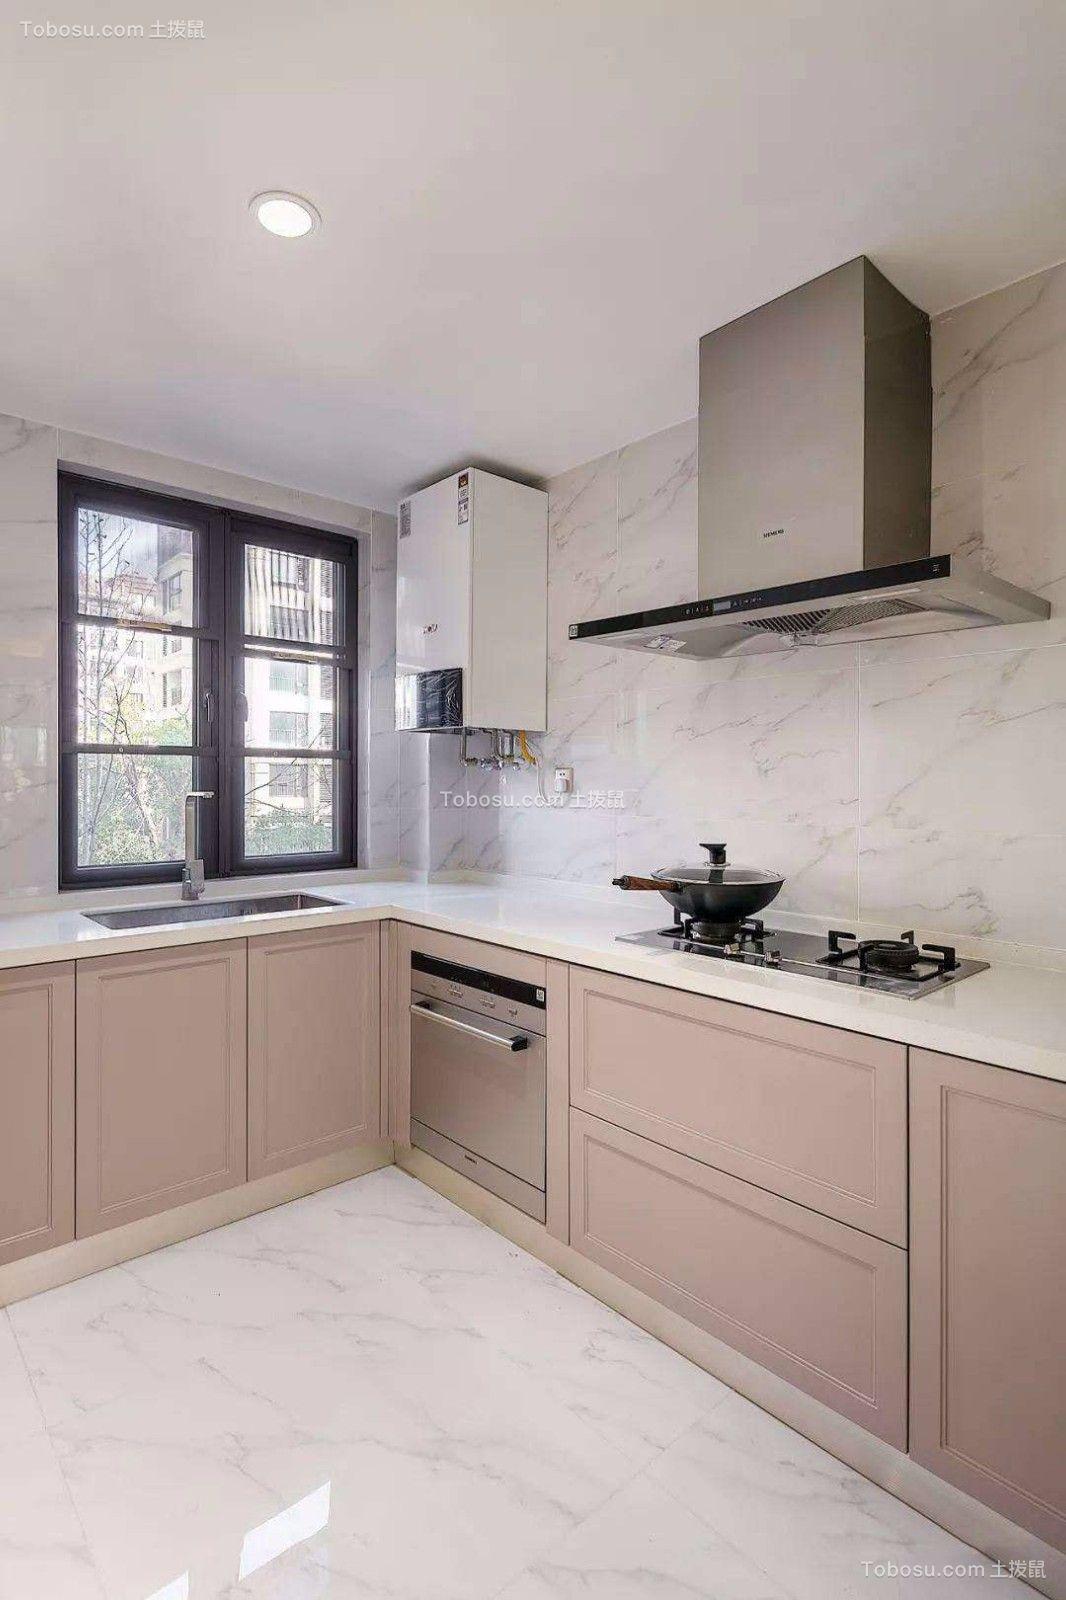 2019法式厨房装修图 2019法式厨房岛台装饰设计